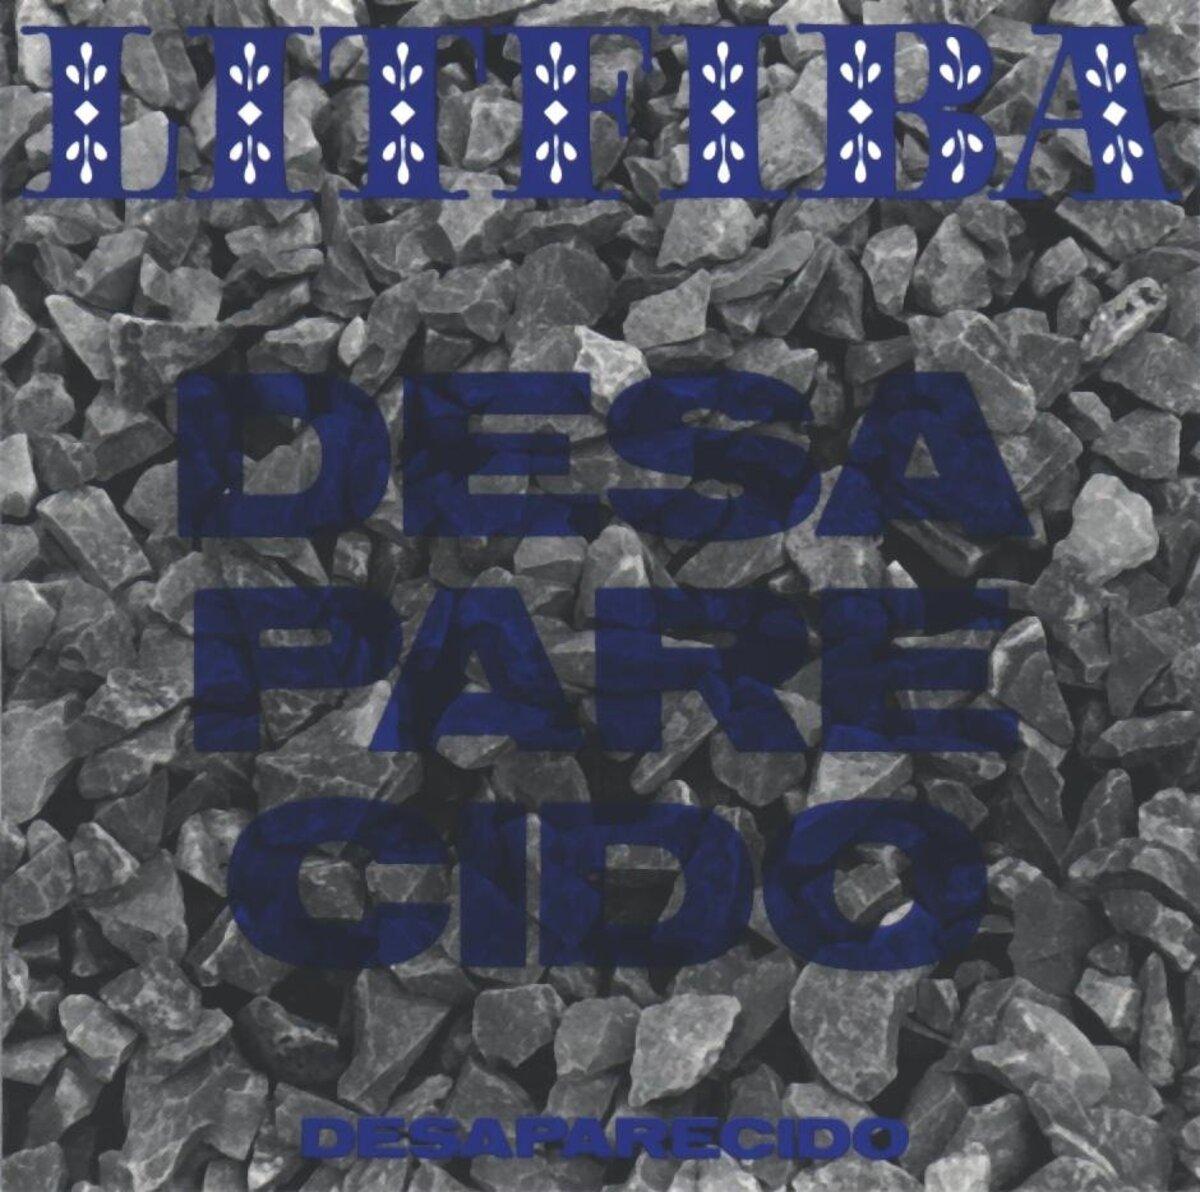 liftiba-Desaparecido